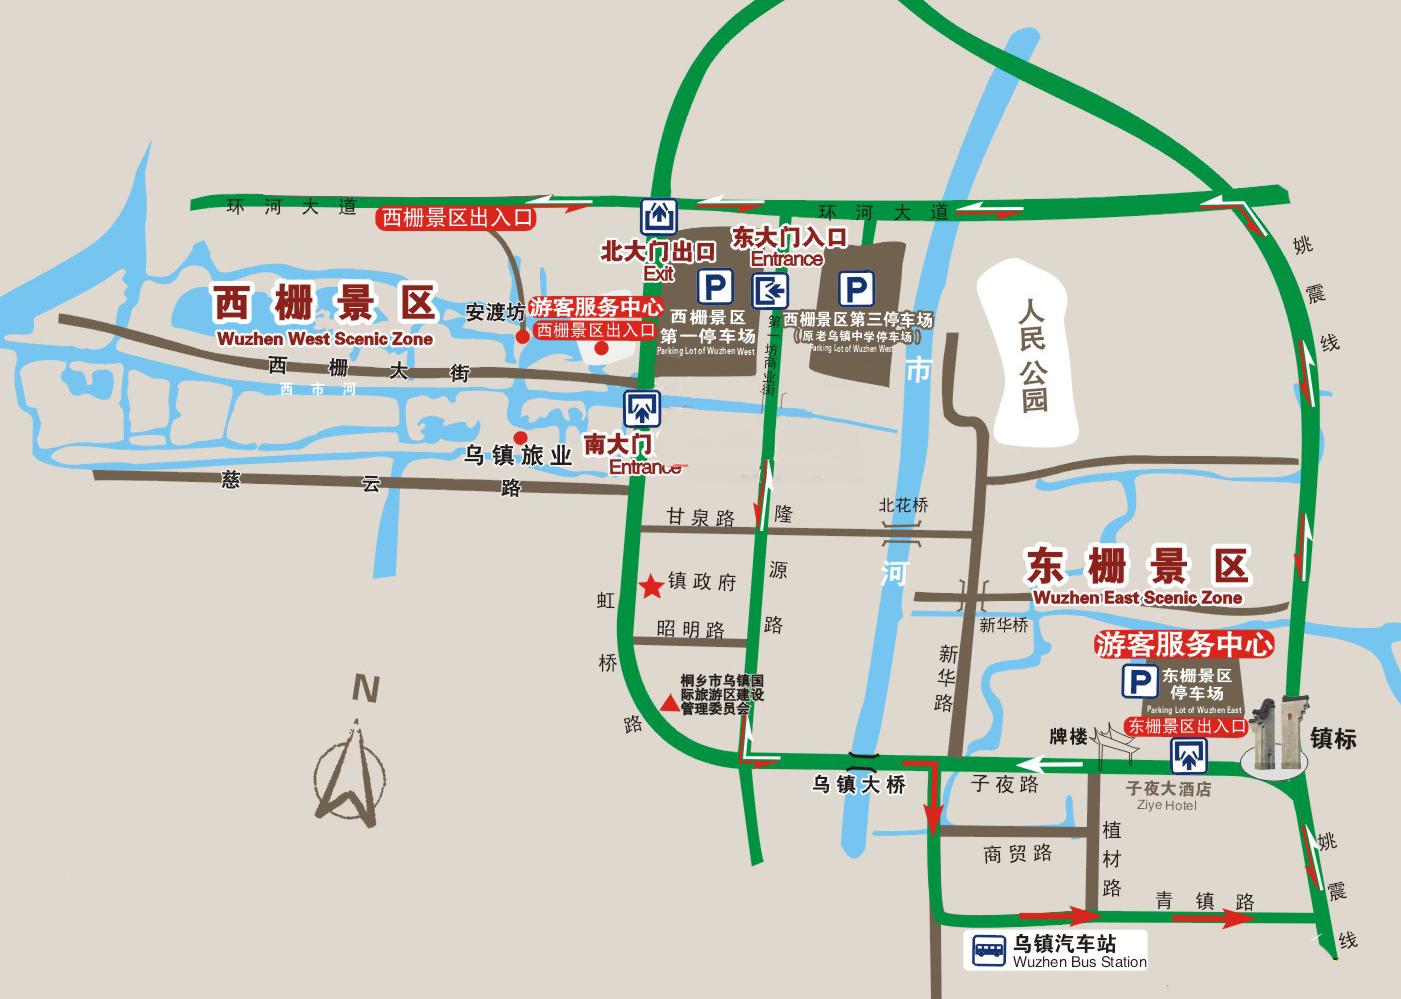 亚洲  乌镇共分东栅,西栅,南栅和北栅.东栅和西栅是景区,要收门票.图片